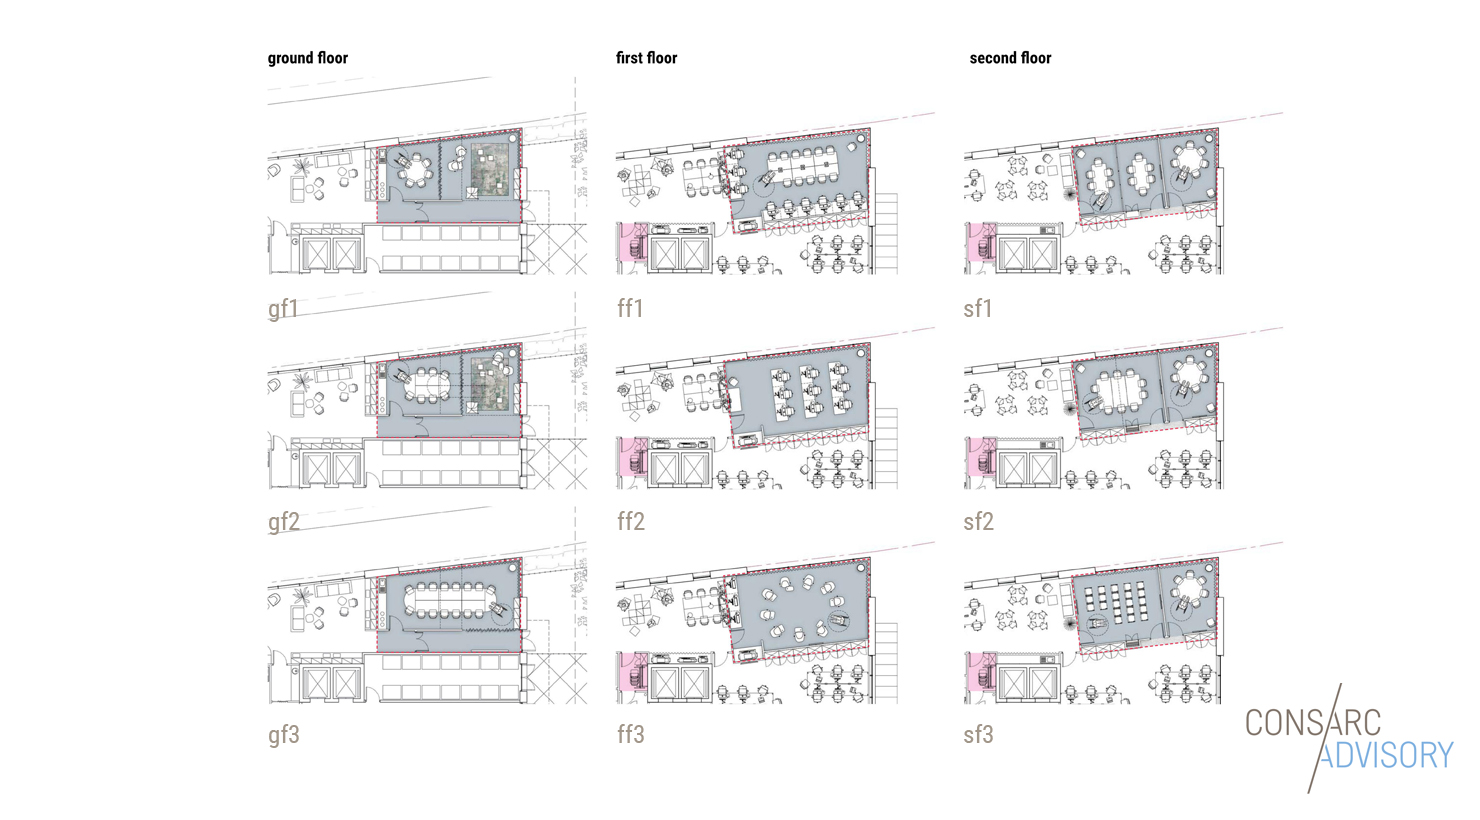 698 - Redbridge - 5 - multifunction plan b